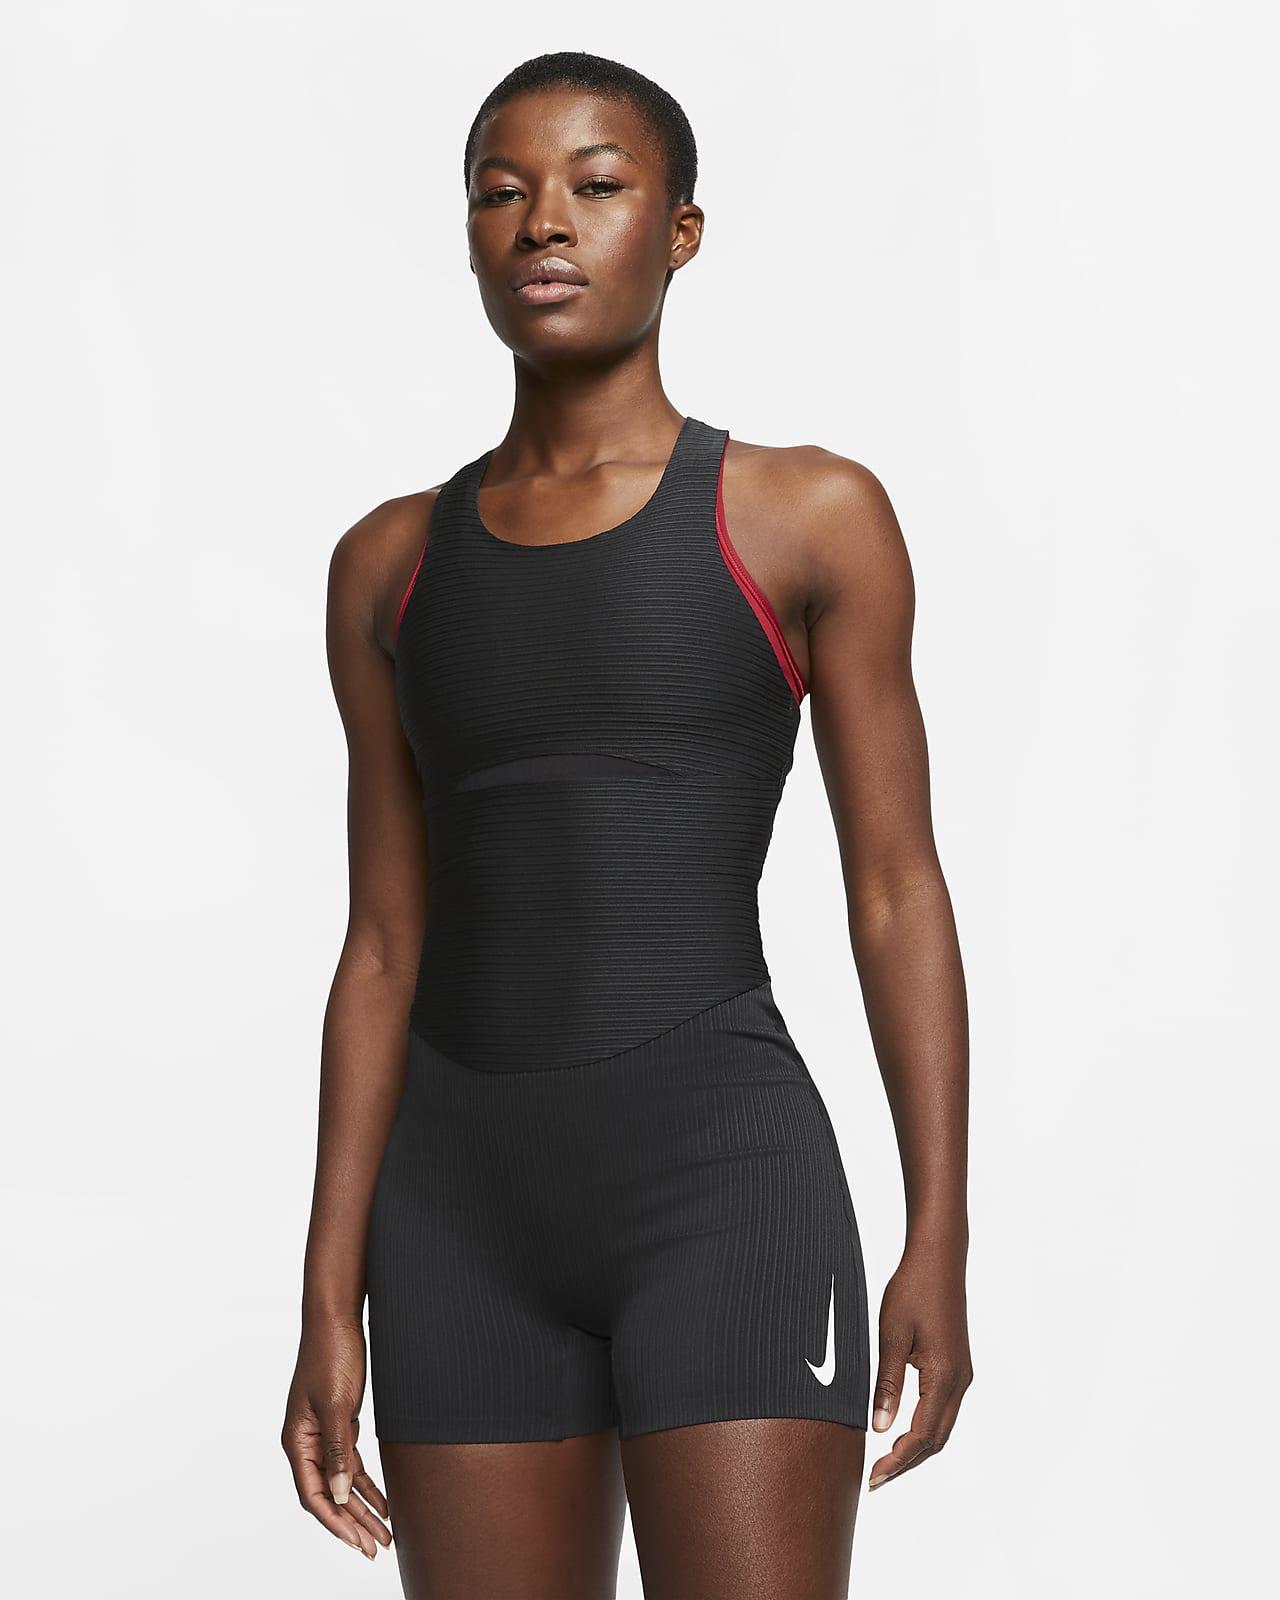 Nike egyrészes női futóruha